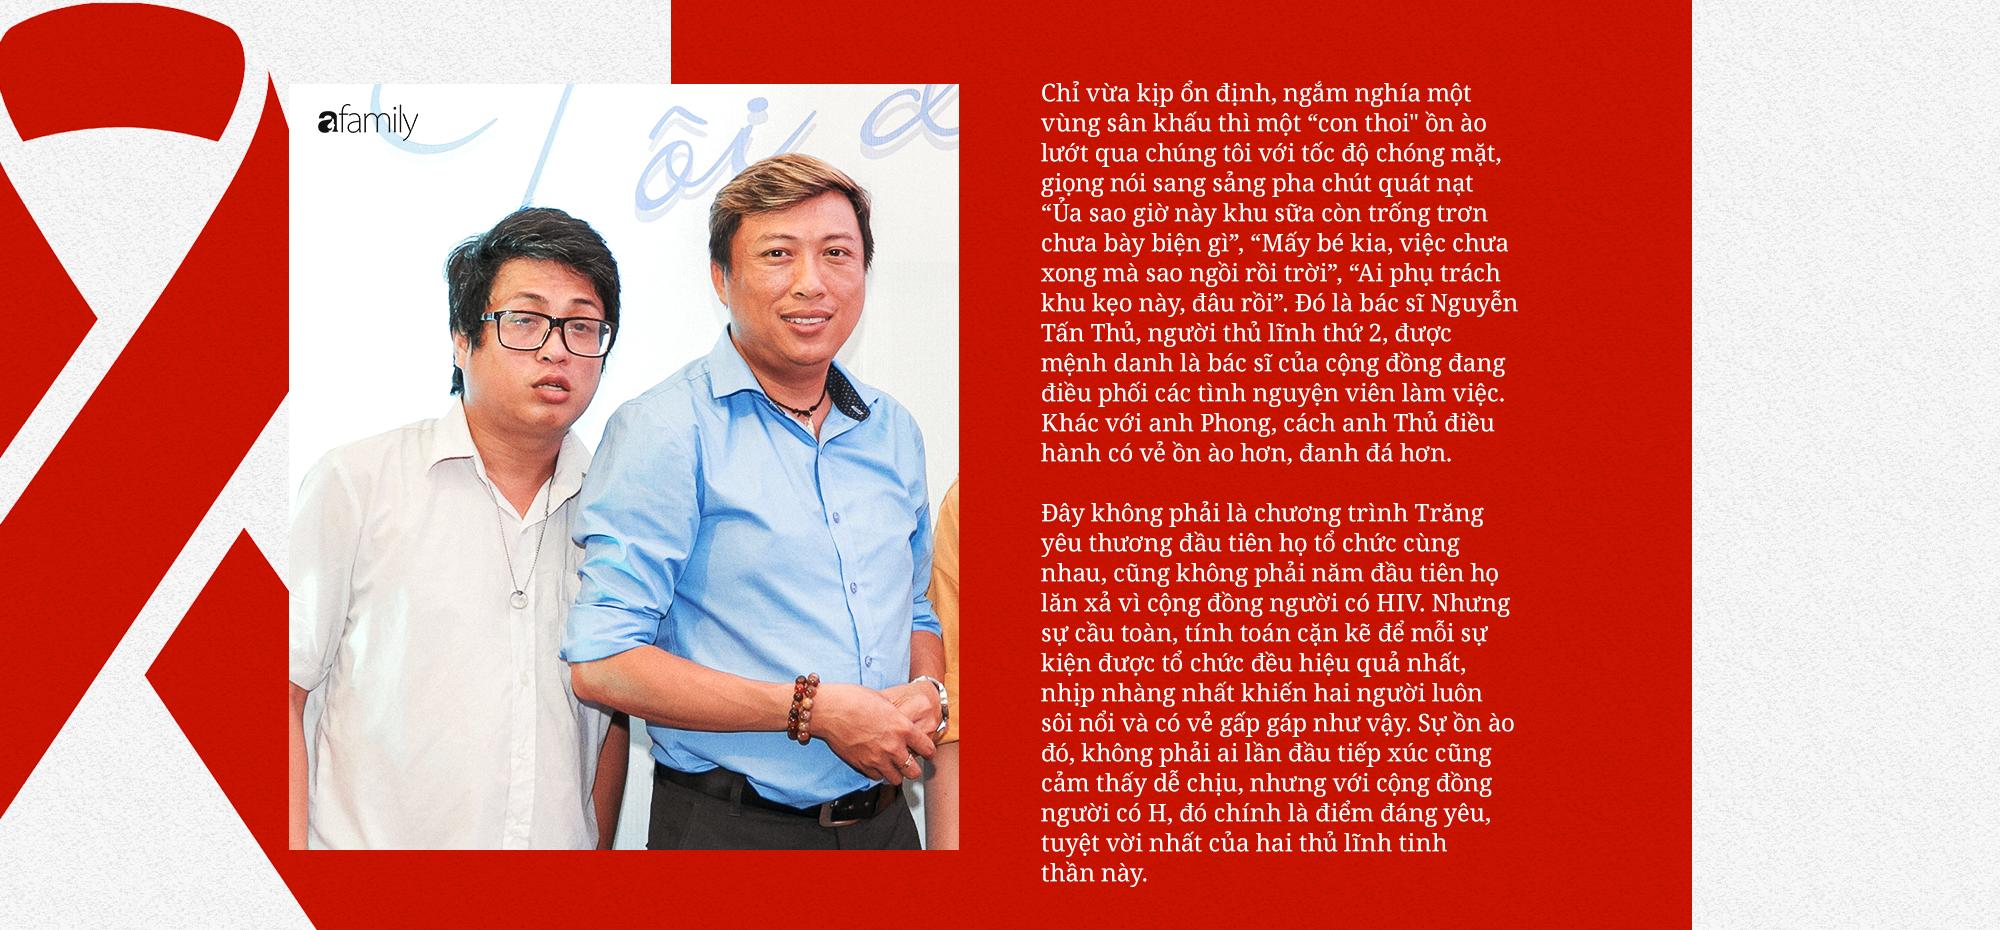 Hai thủ lĩnh tinh thần của người có HIV Việt Nam: Tại sao khi bị ung thư, người ta có thể tự tin la lên với cả thế giới và được yêu thương vô ngần, HIV thì không? - Ảnh 5.